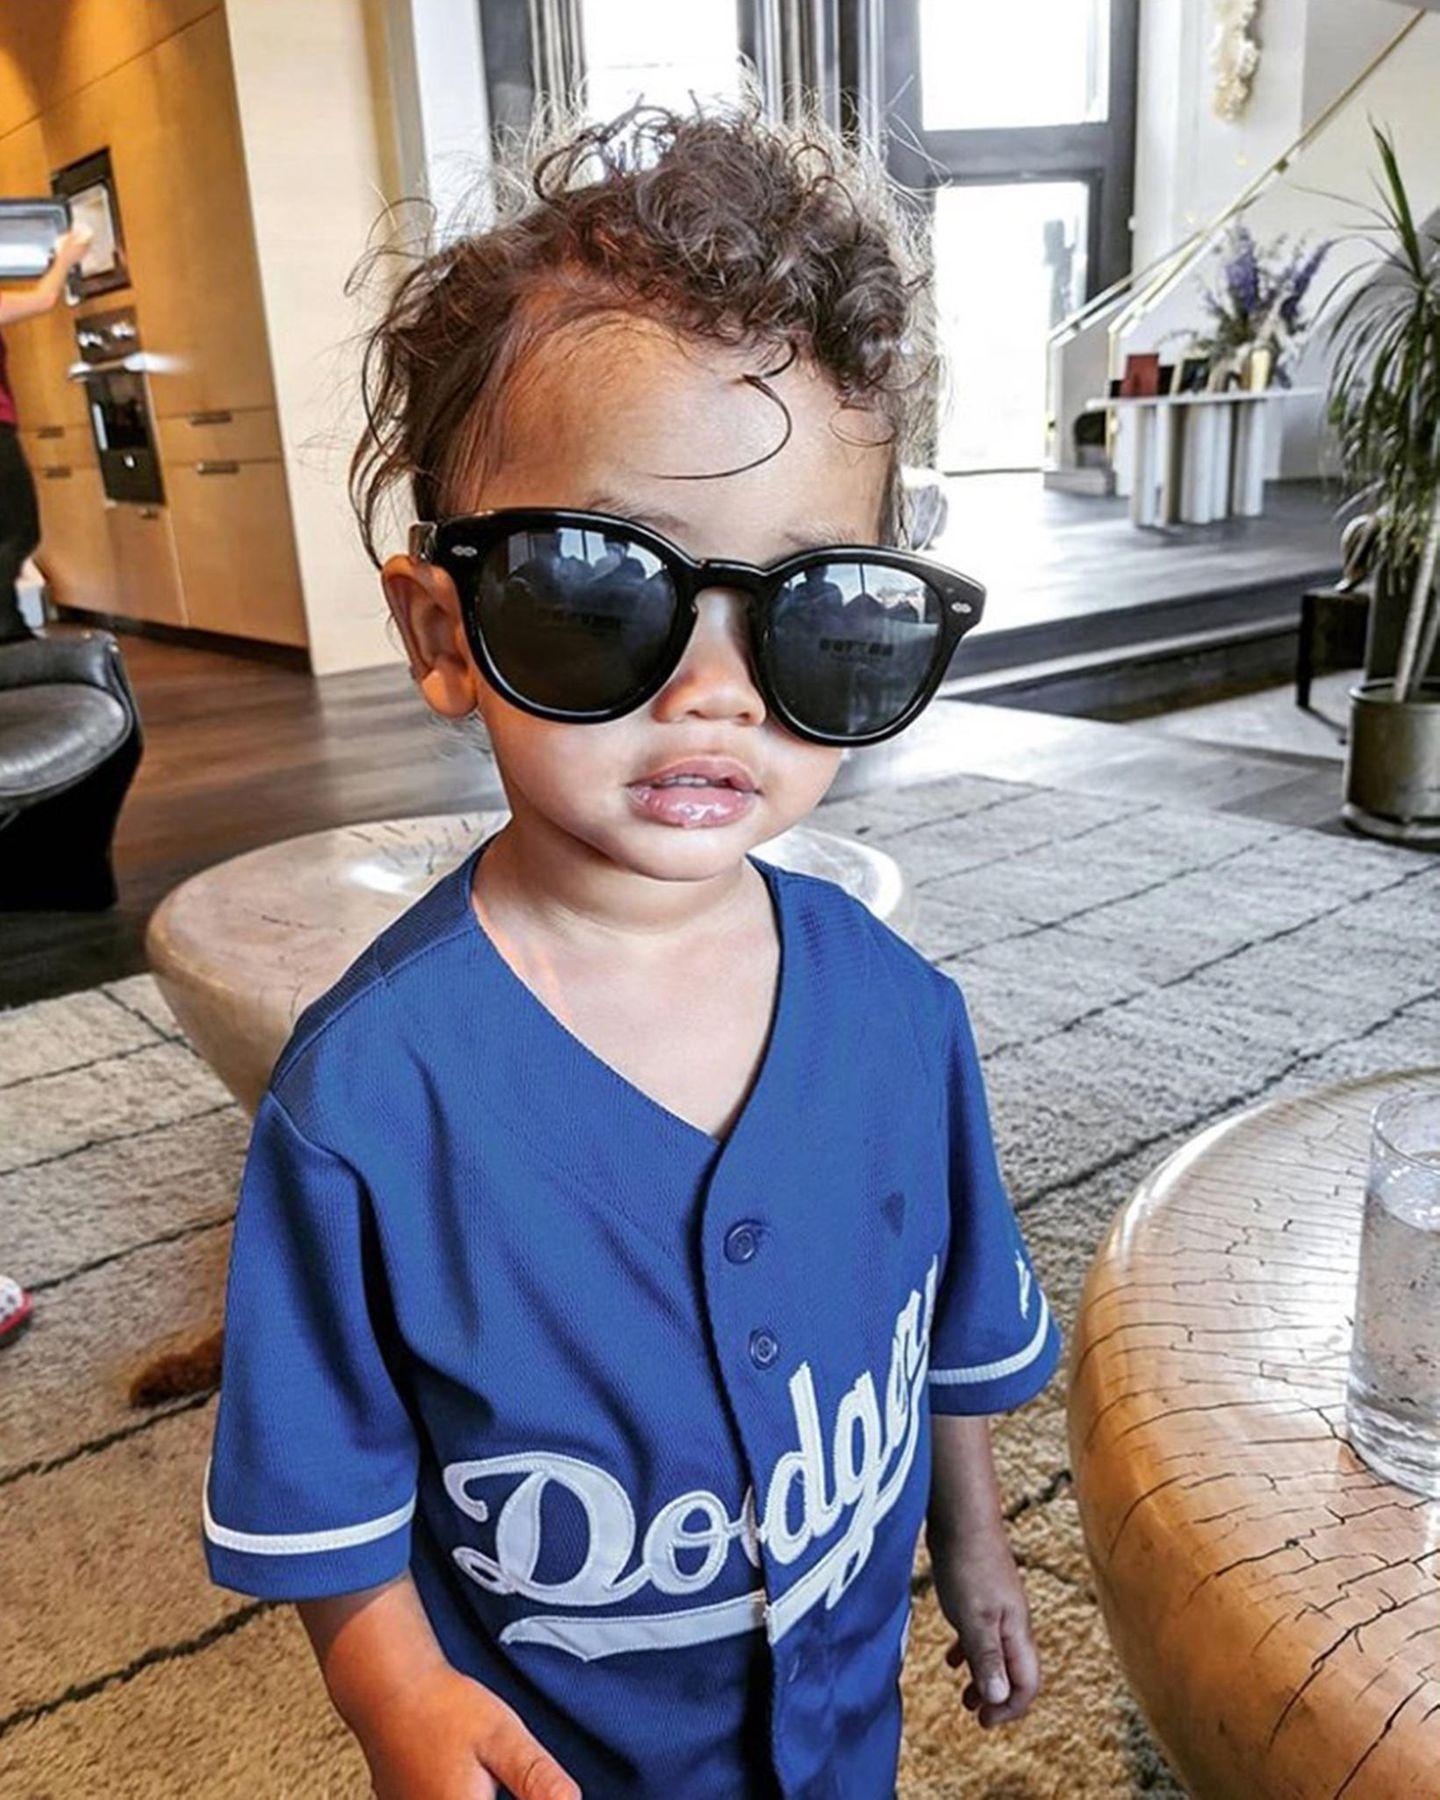 9. Januar 2020  Cooler wird's nicht mehr im Hause Legend-Teigen: Sohnemann Miles erobert mit dunkler Sonnenbrille und Baseballshirt ganz lässig alle Herzen.